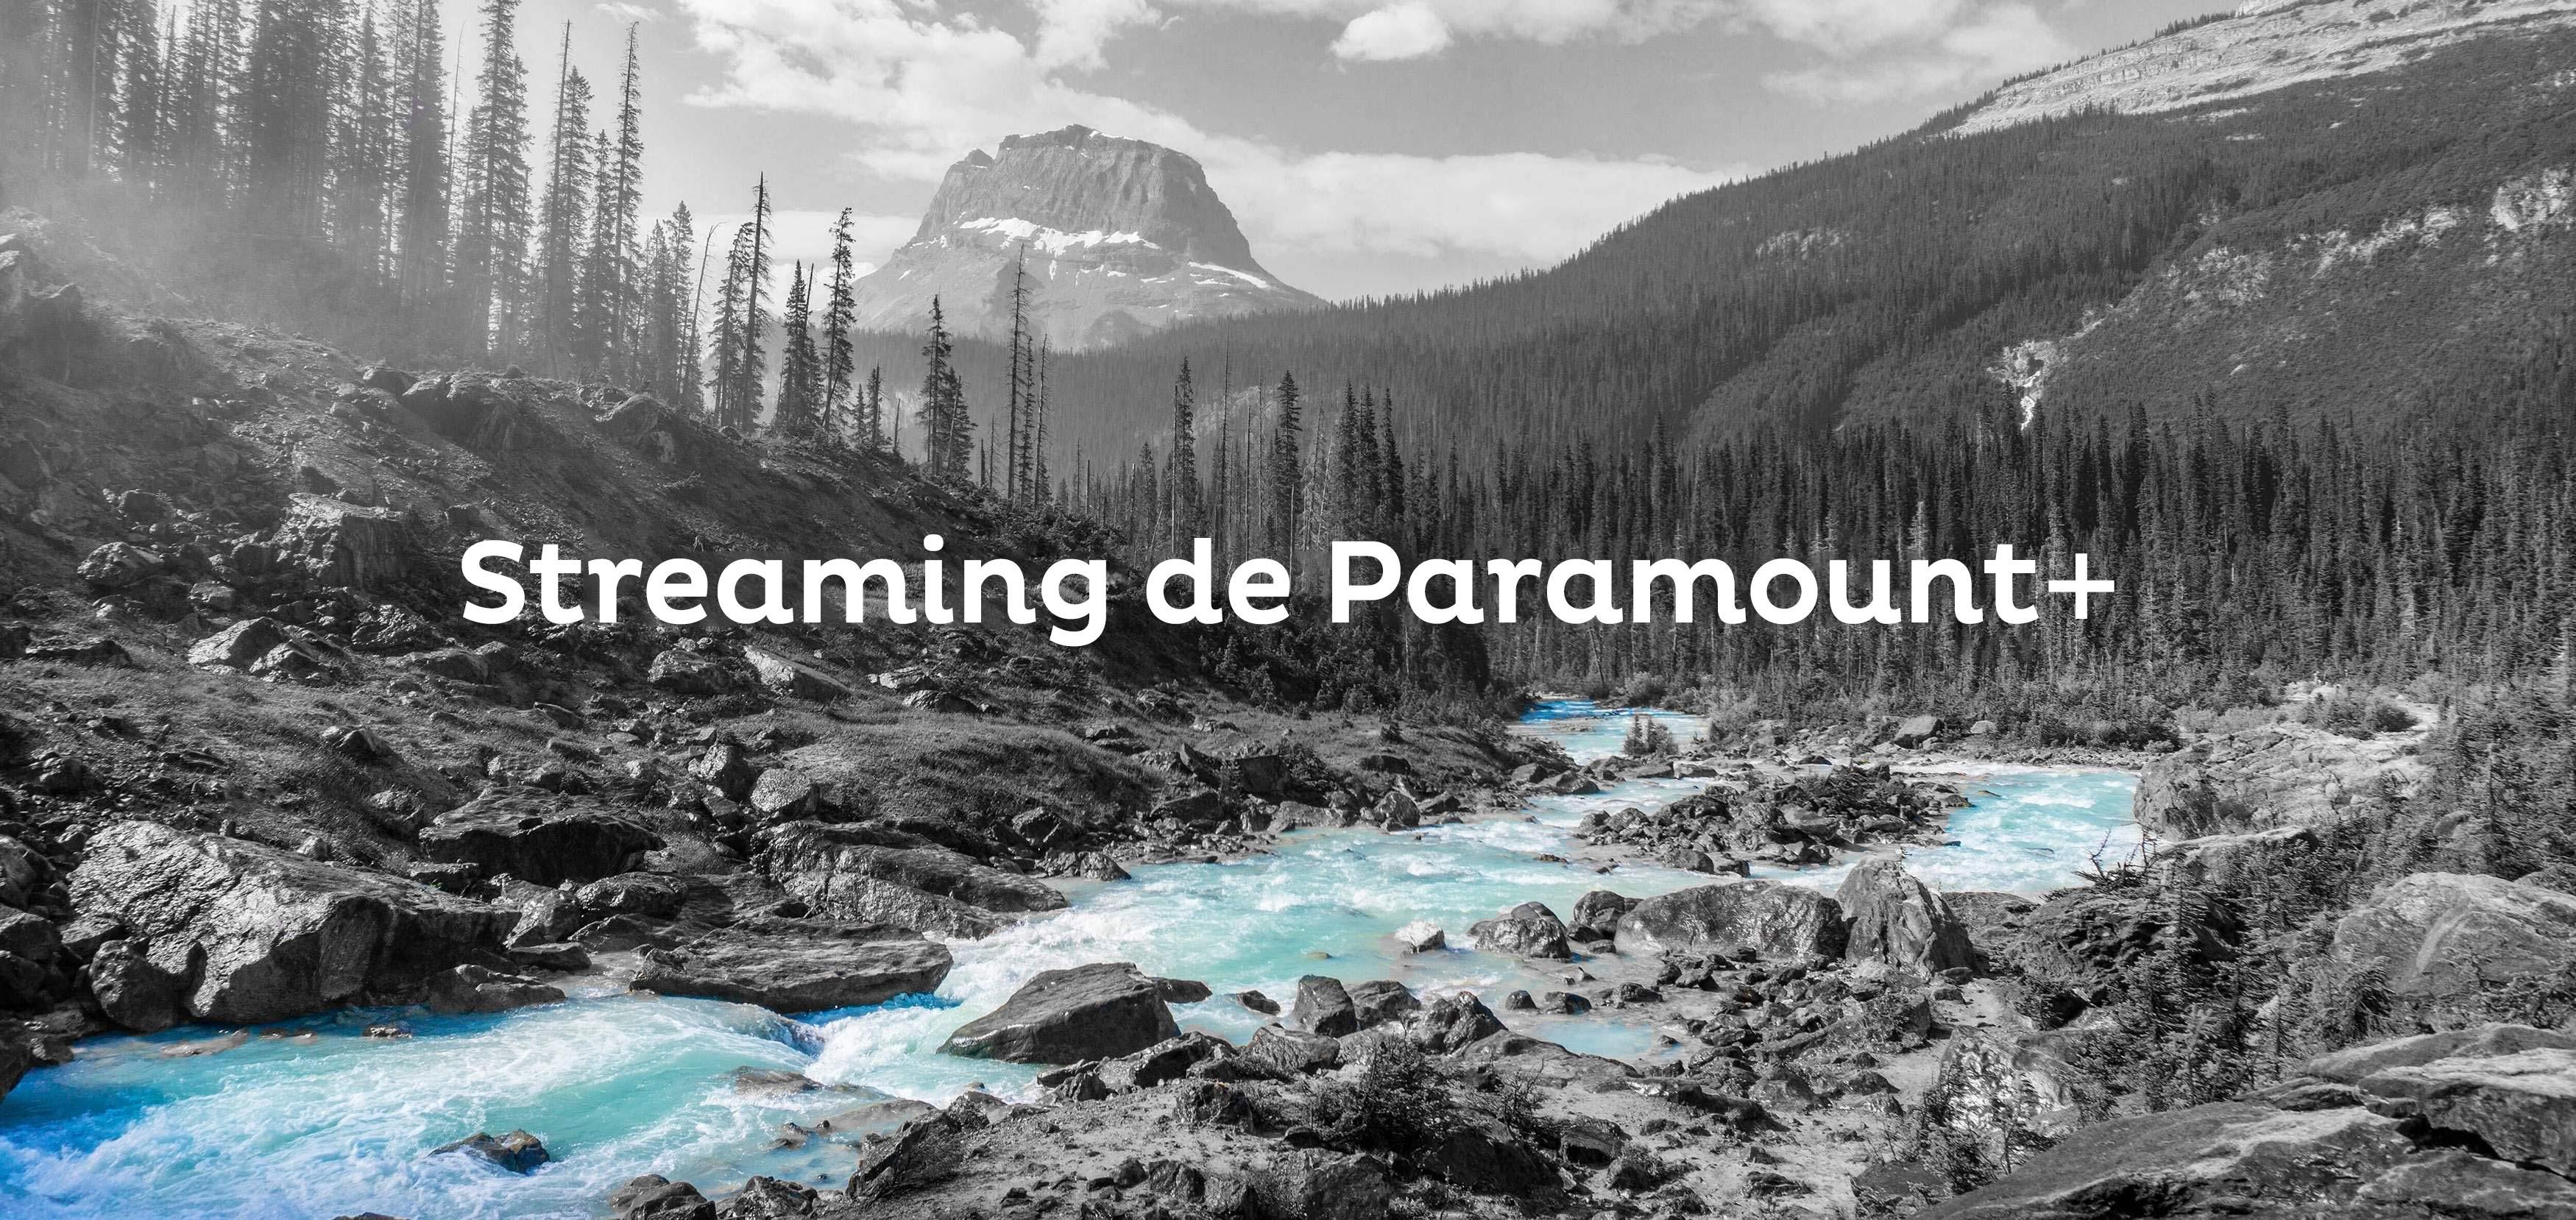 """Foto en blanco y negro de árboles y un arroyo azul con el texto """"Paramount+ Streaming"""" en blanco."""